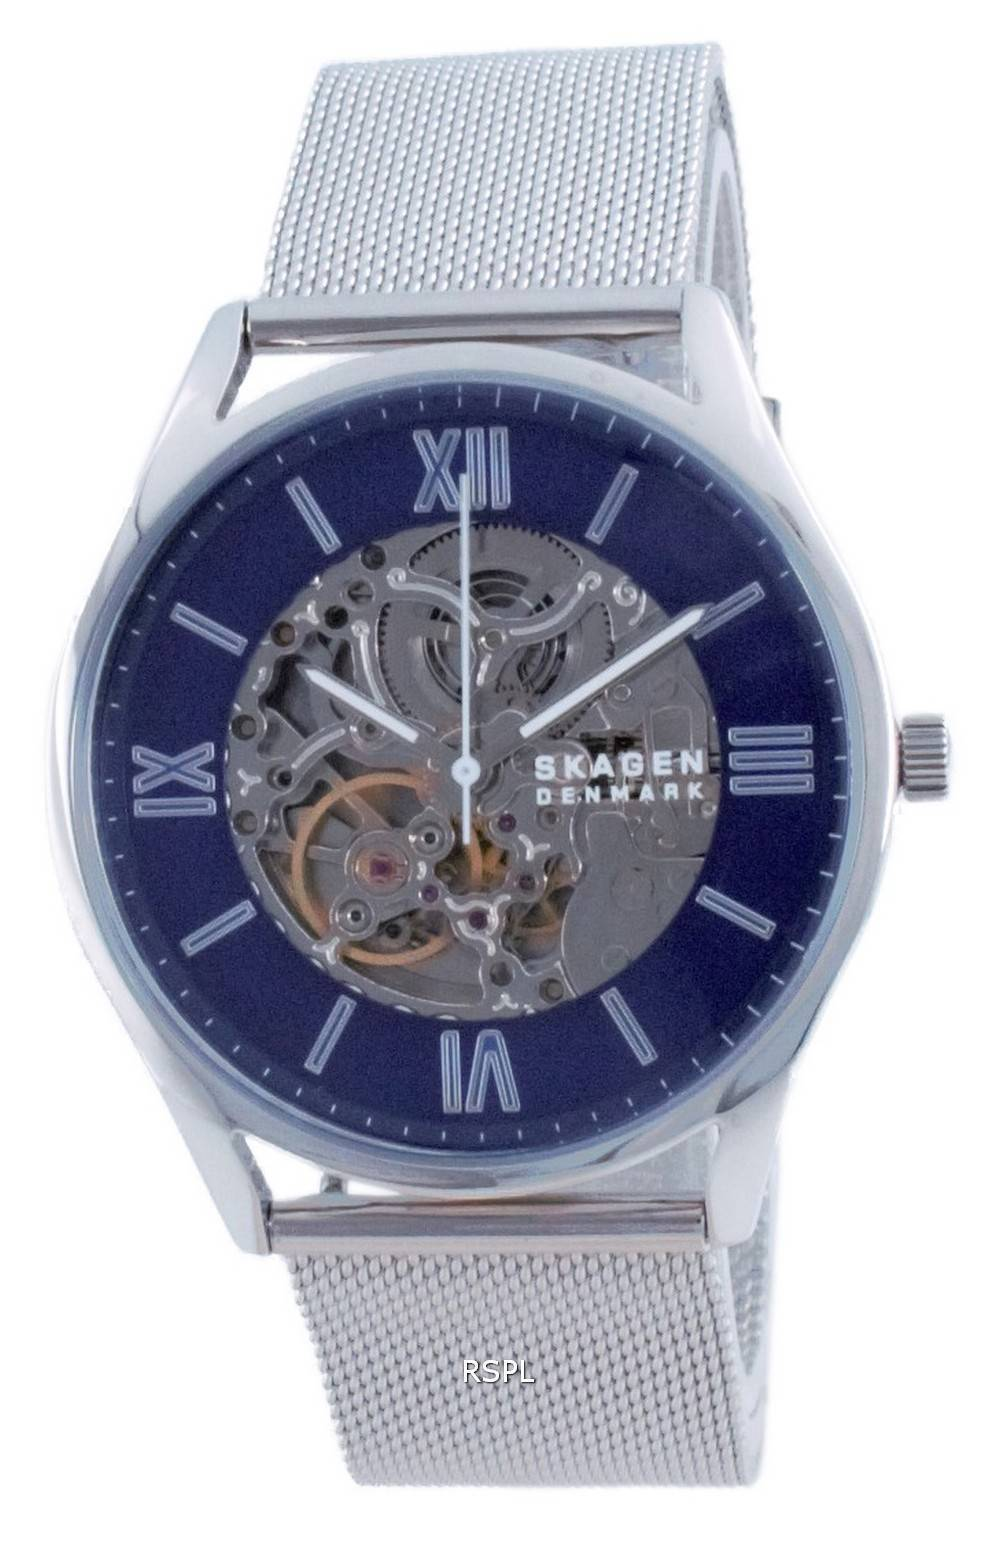 Skagen Holst luuranko ruostumaton teräs automaattinen SKW6733 miesten kello